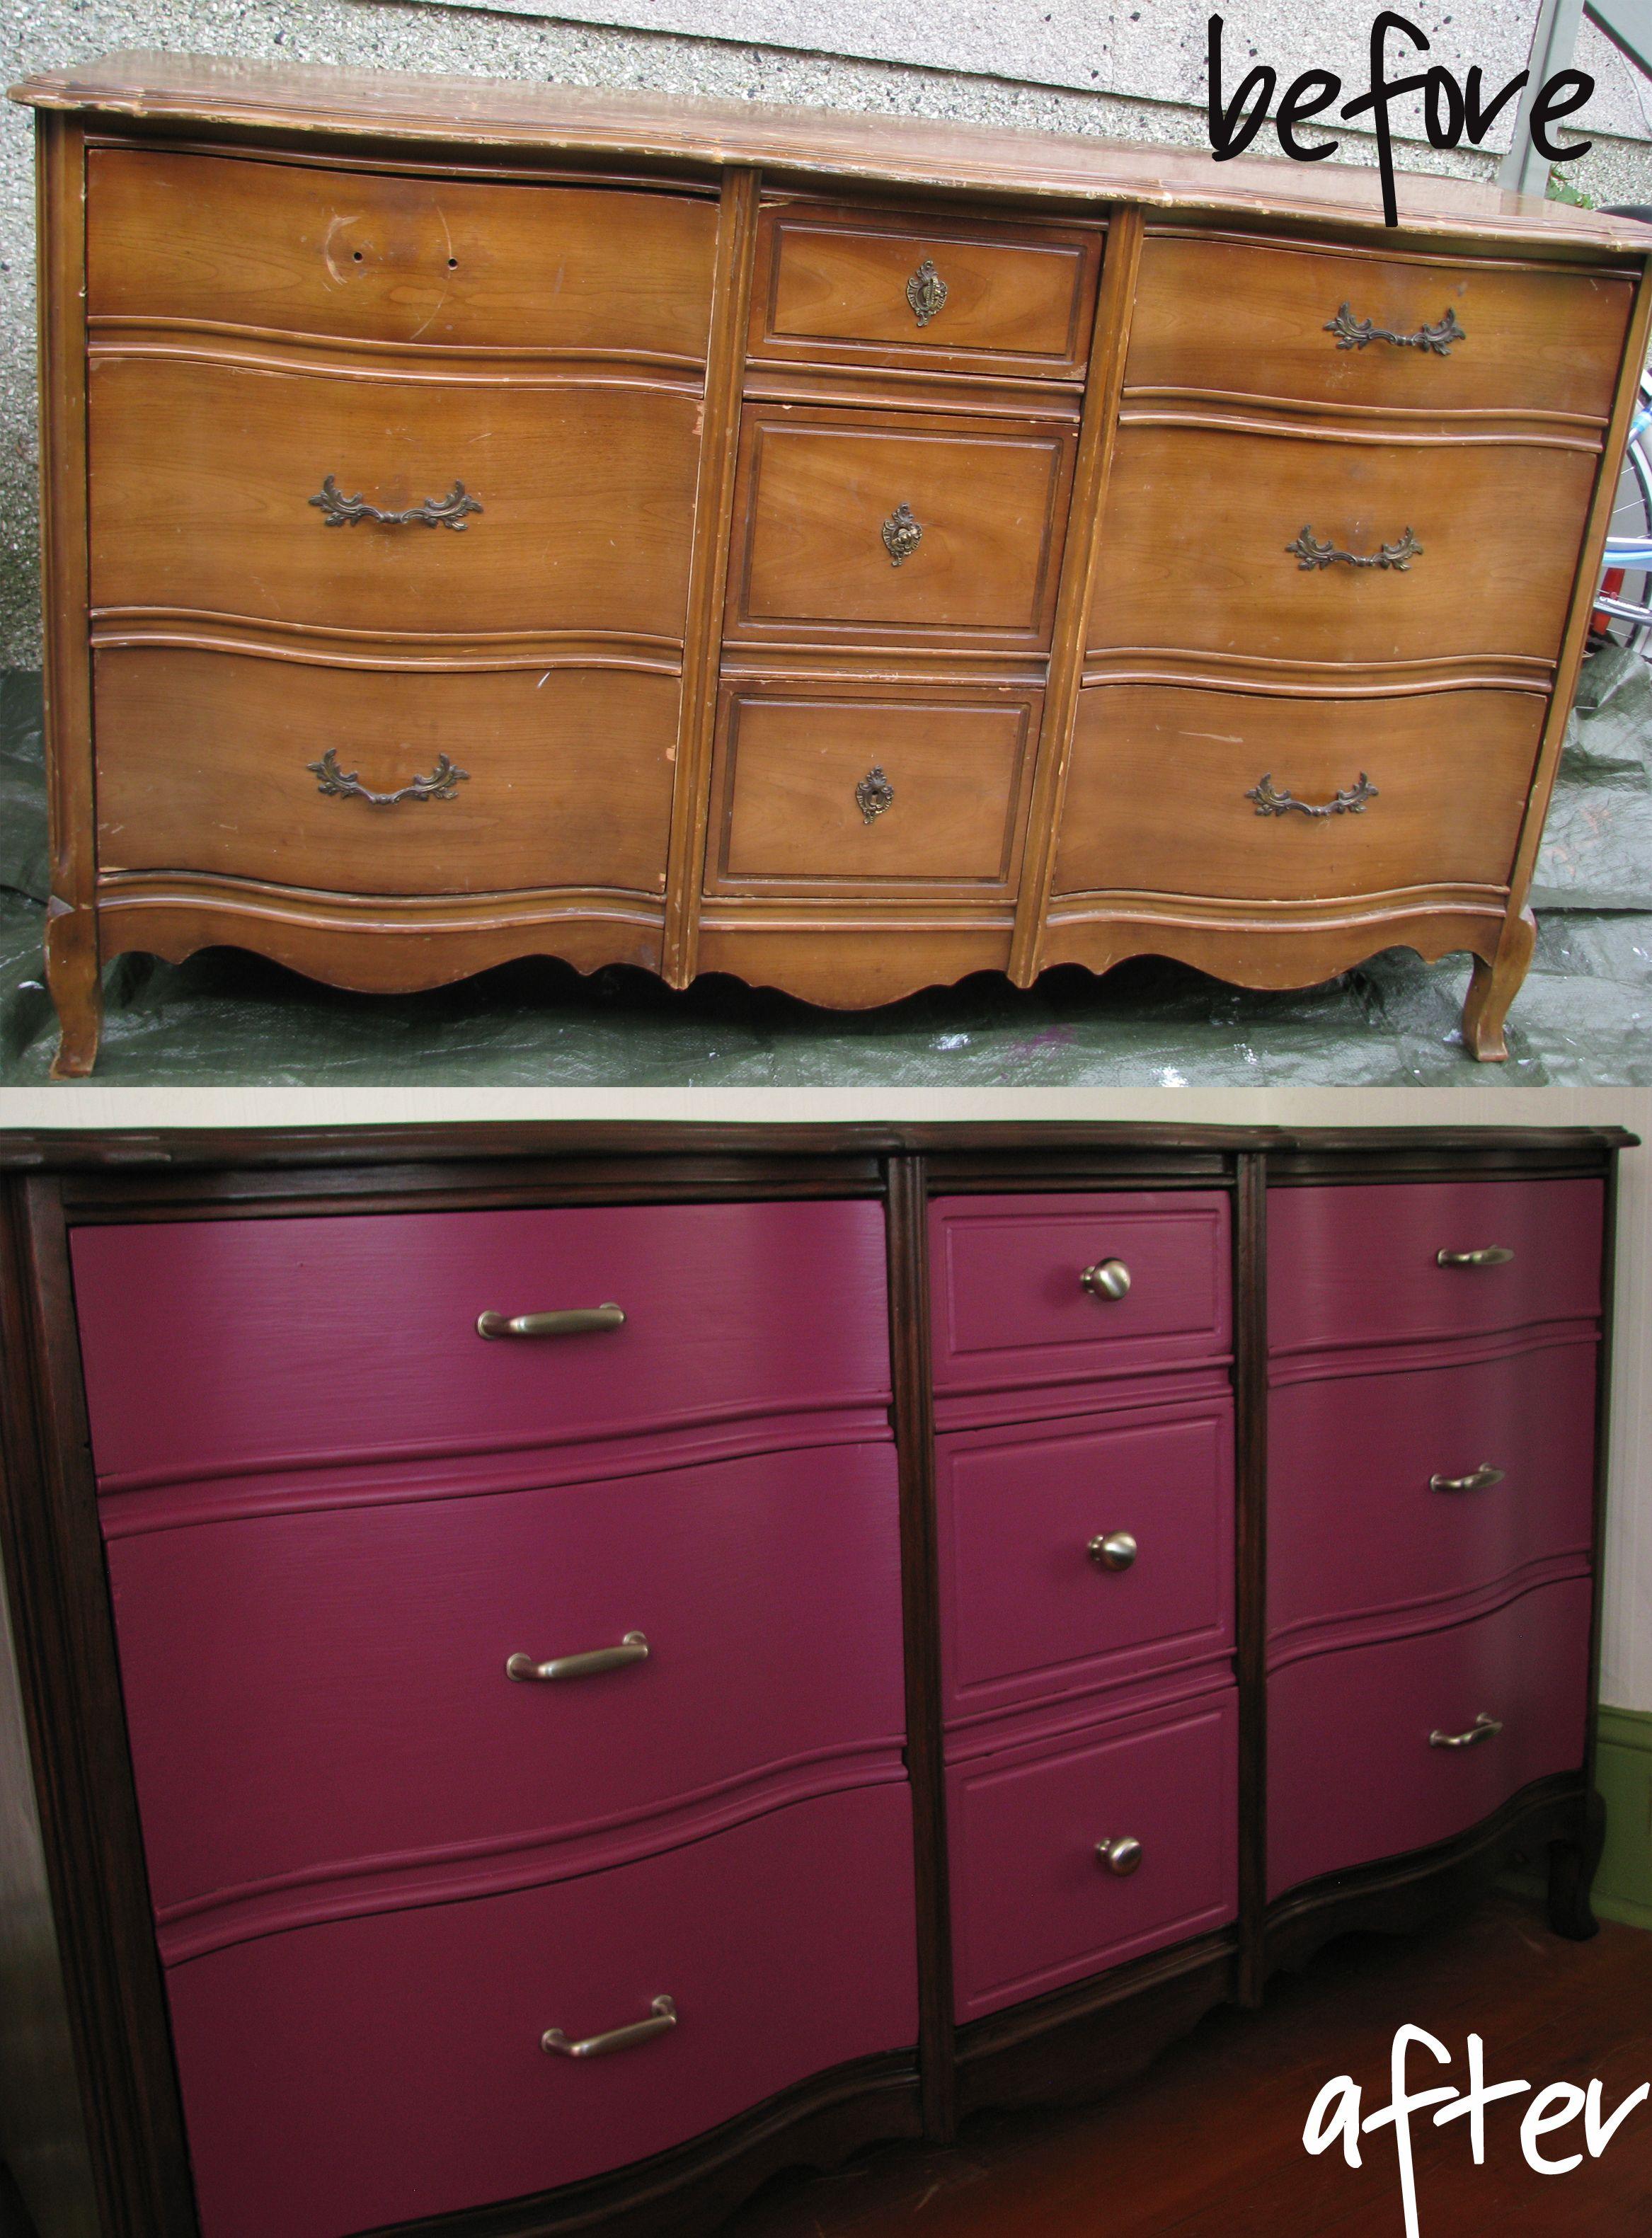 Freebie dresser transformation - refinished dresser ...